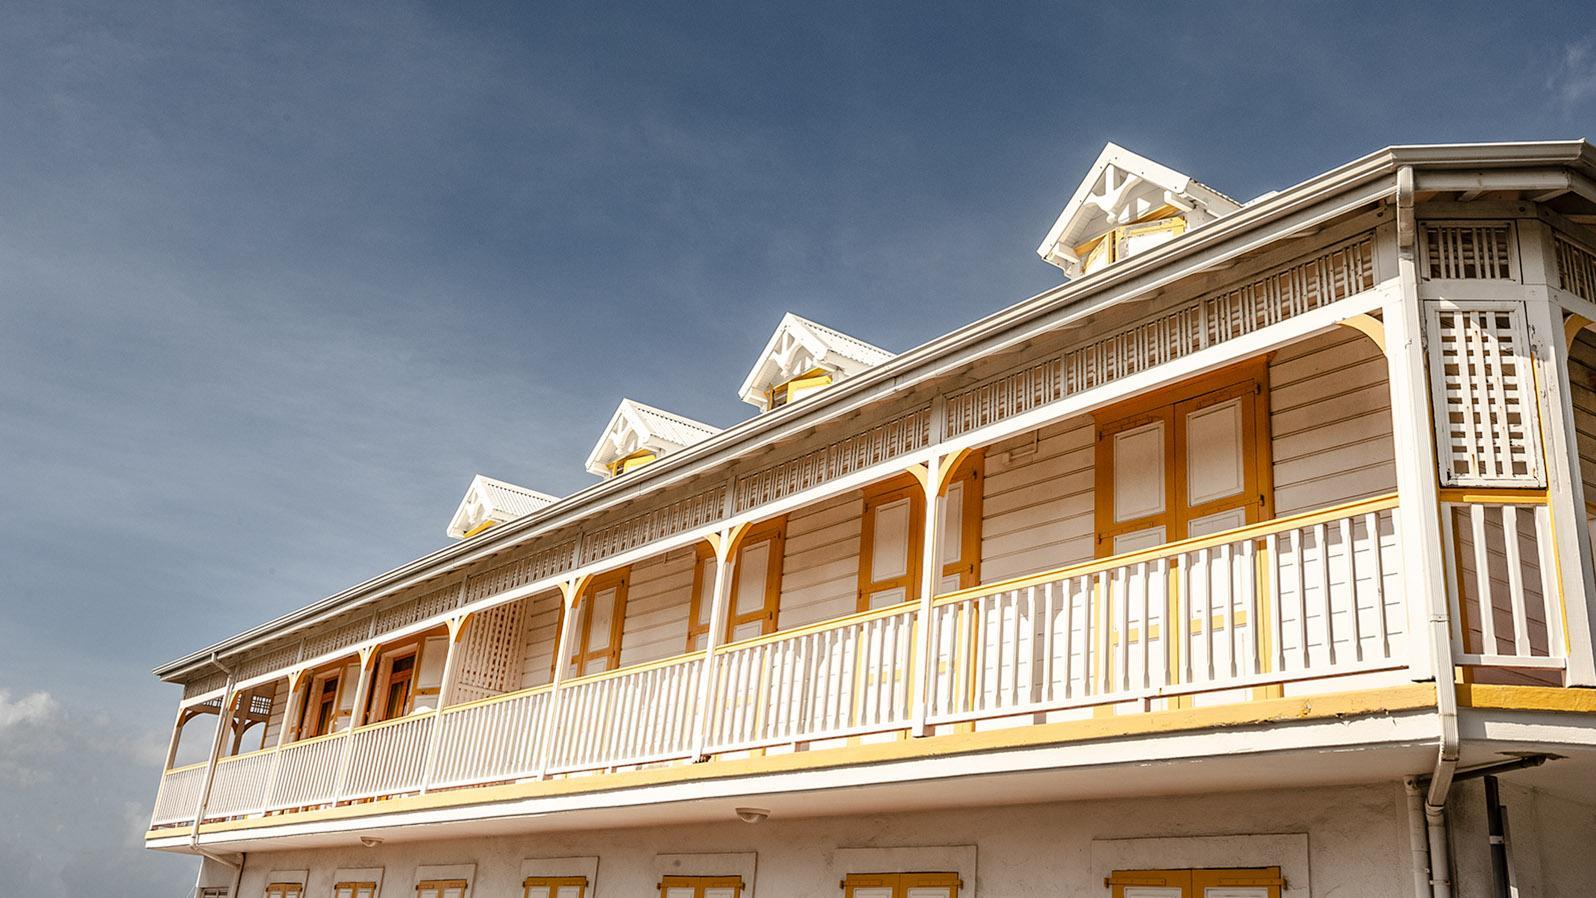 Marie-Galante: weiße Häuser, bunt verziert - eine solche Architektur ist typisch für Marie-Galante. Foto: Hilke Maunder